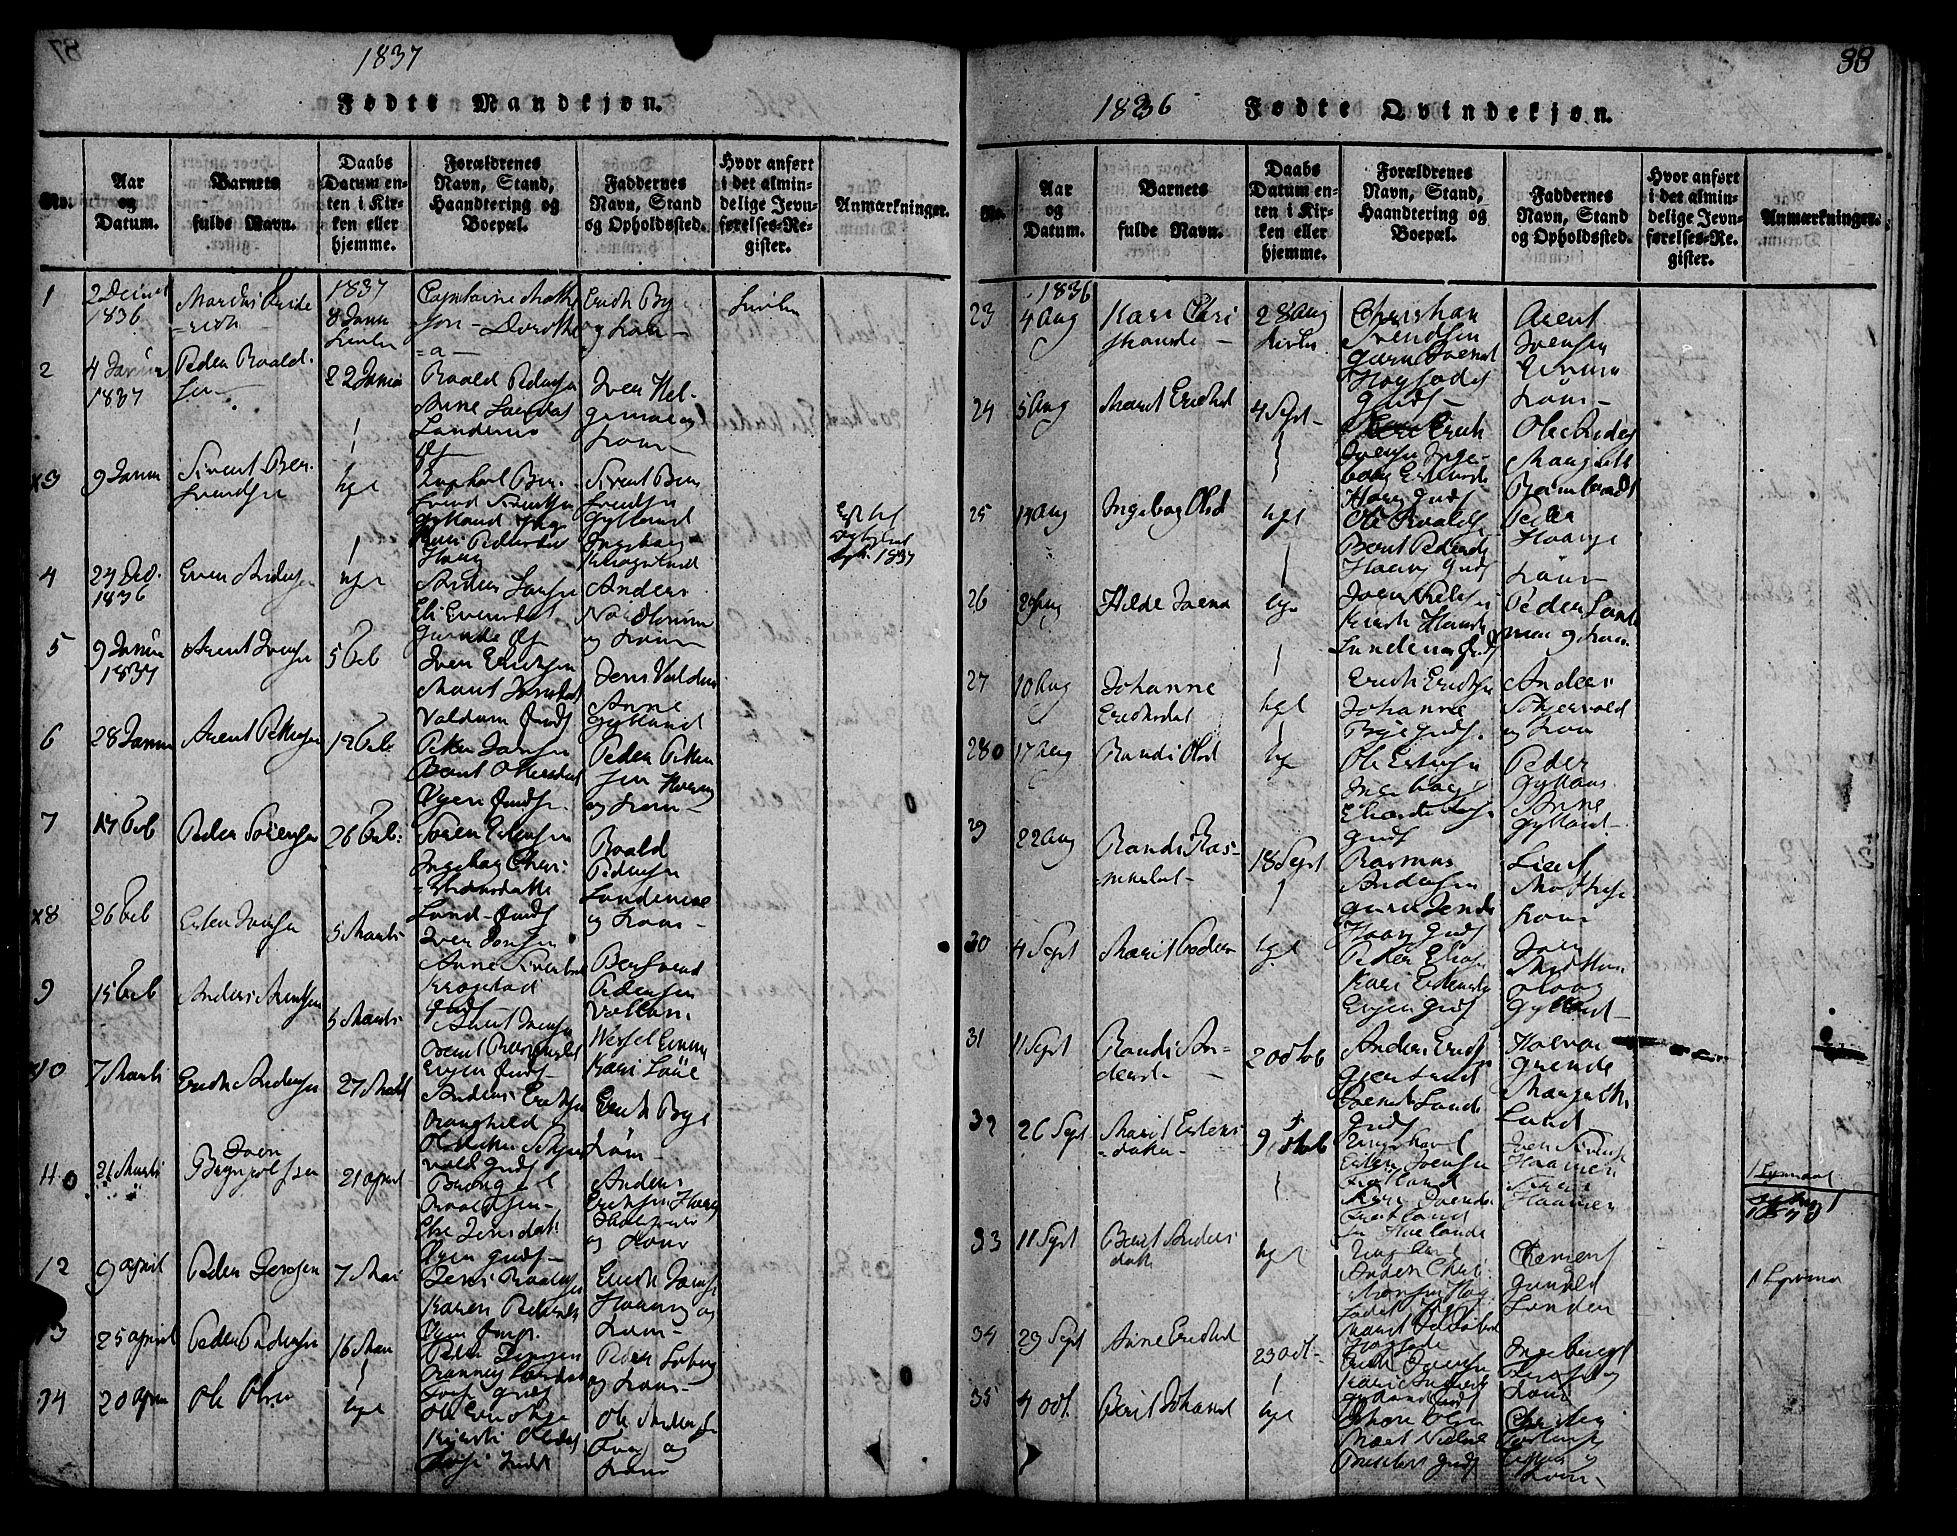 SAT, Ministerialprotokoller, klokkerbøker og fødselsregistre - Sør-Trøndelag, 692/L1102: Ministerialbok nr. 692A02, 1816-1842, s. 88